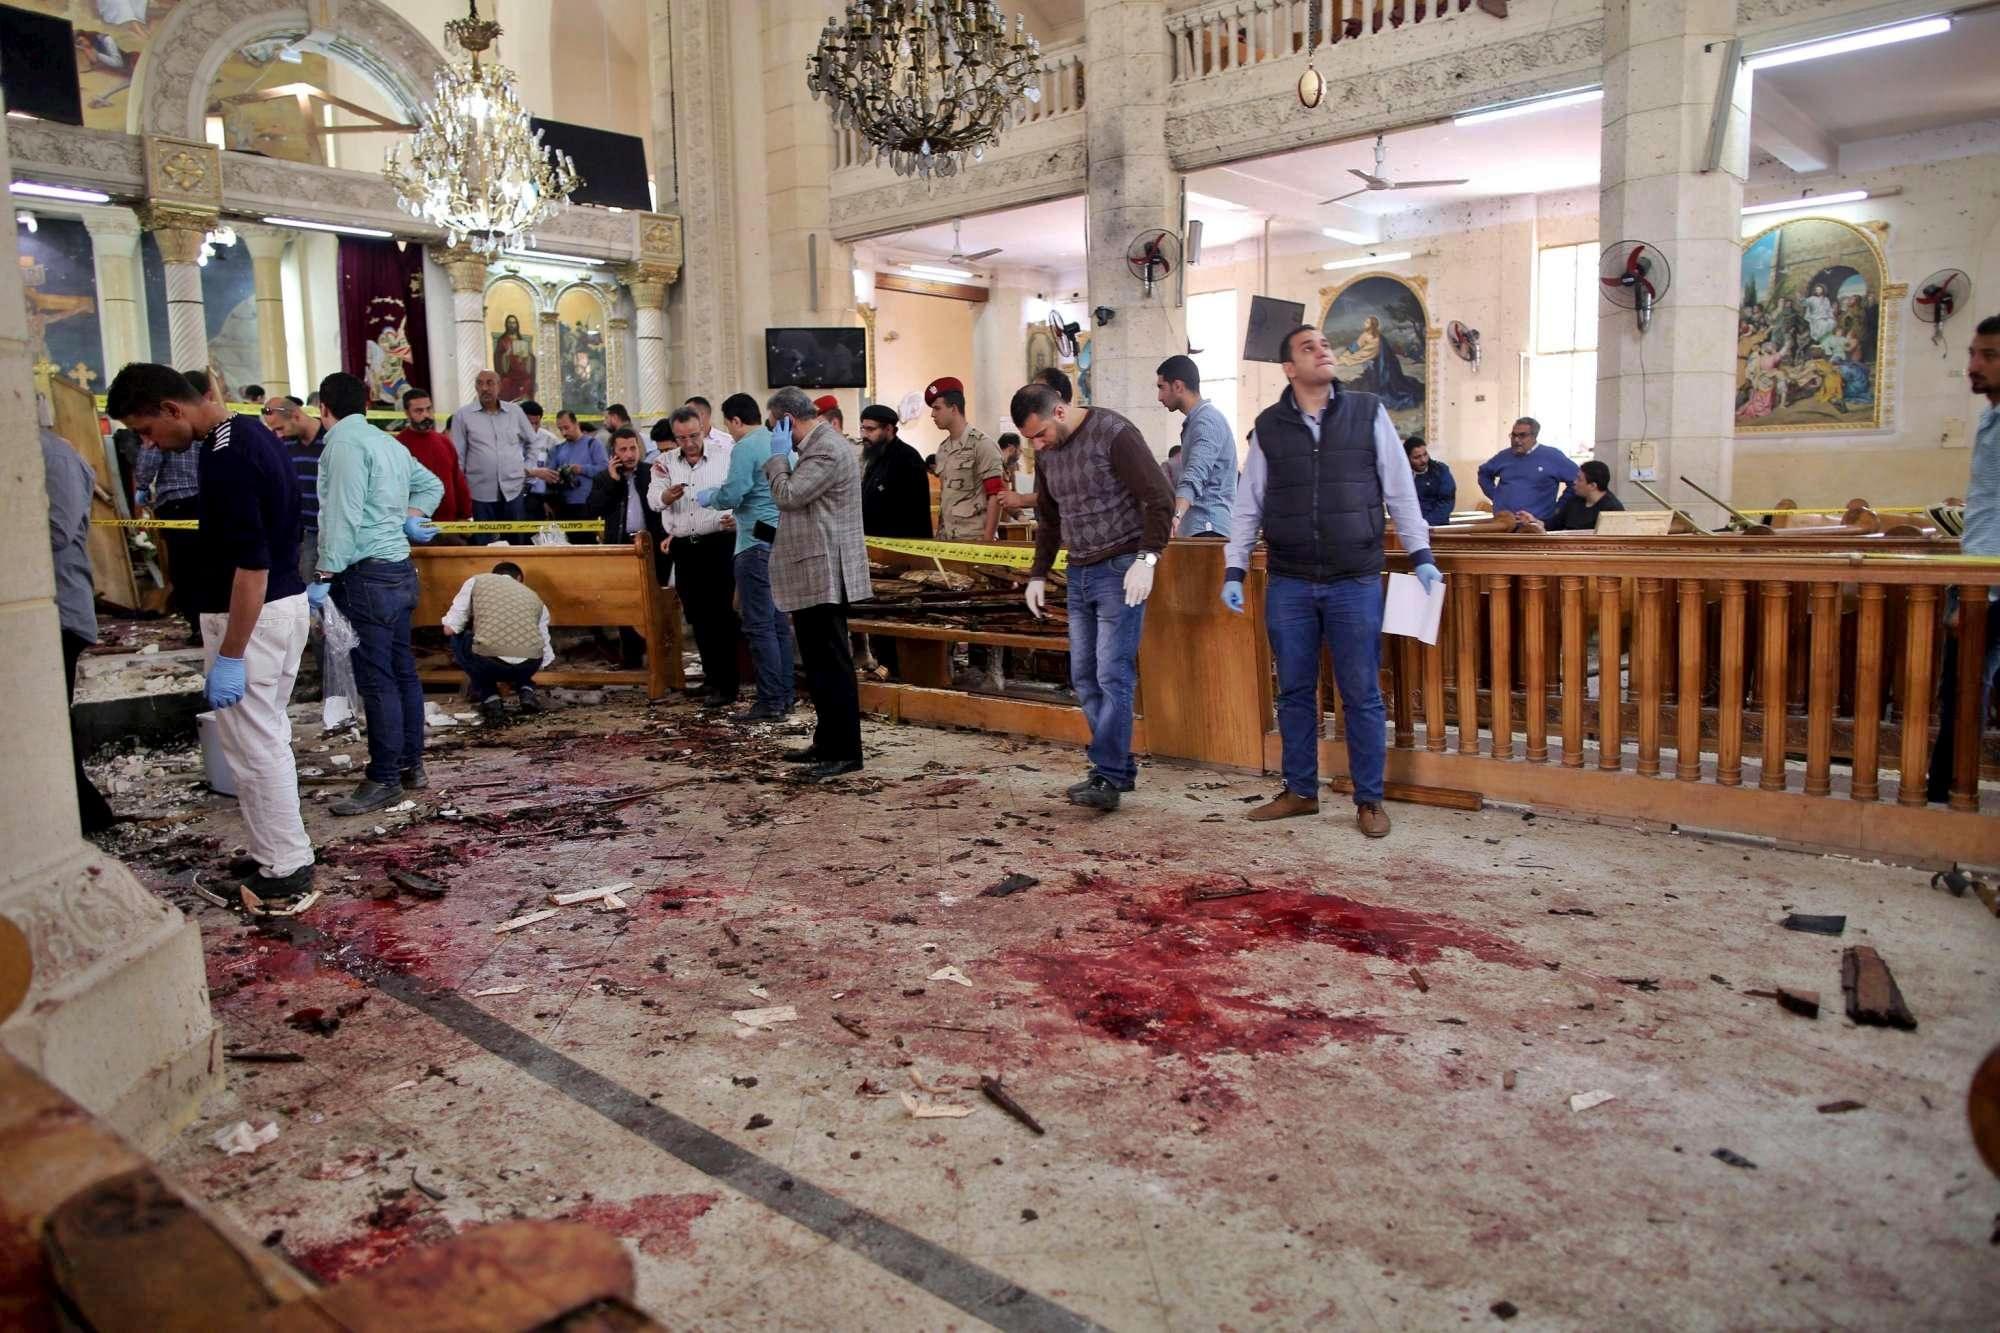 Attacco a una chiesa copta in Egitto: almeno 5 morti